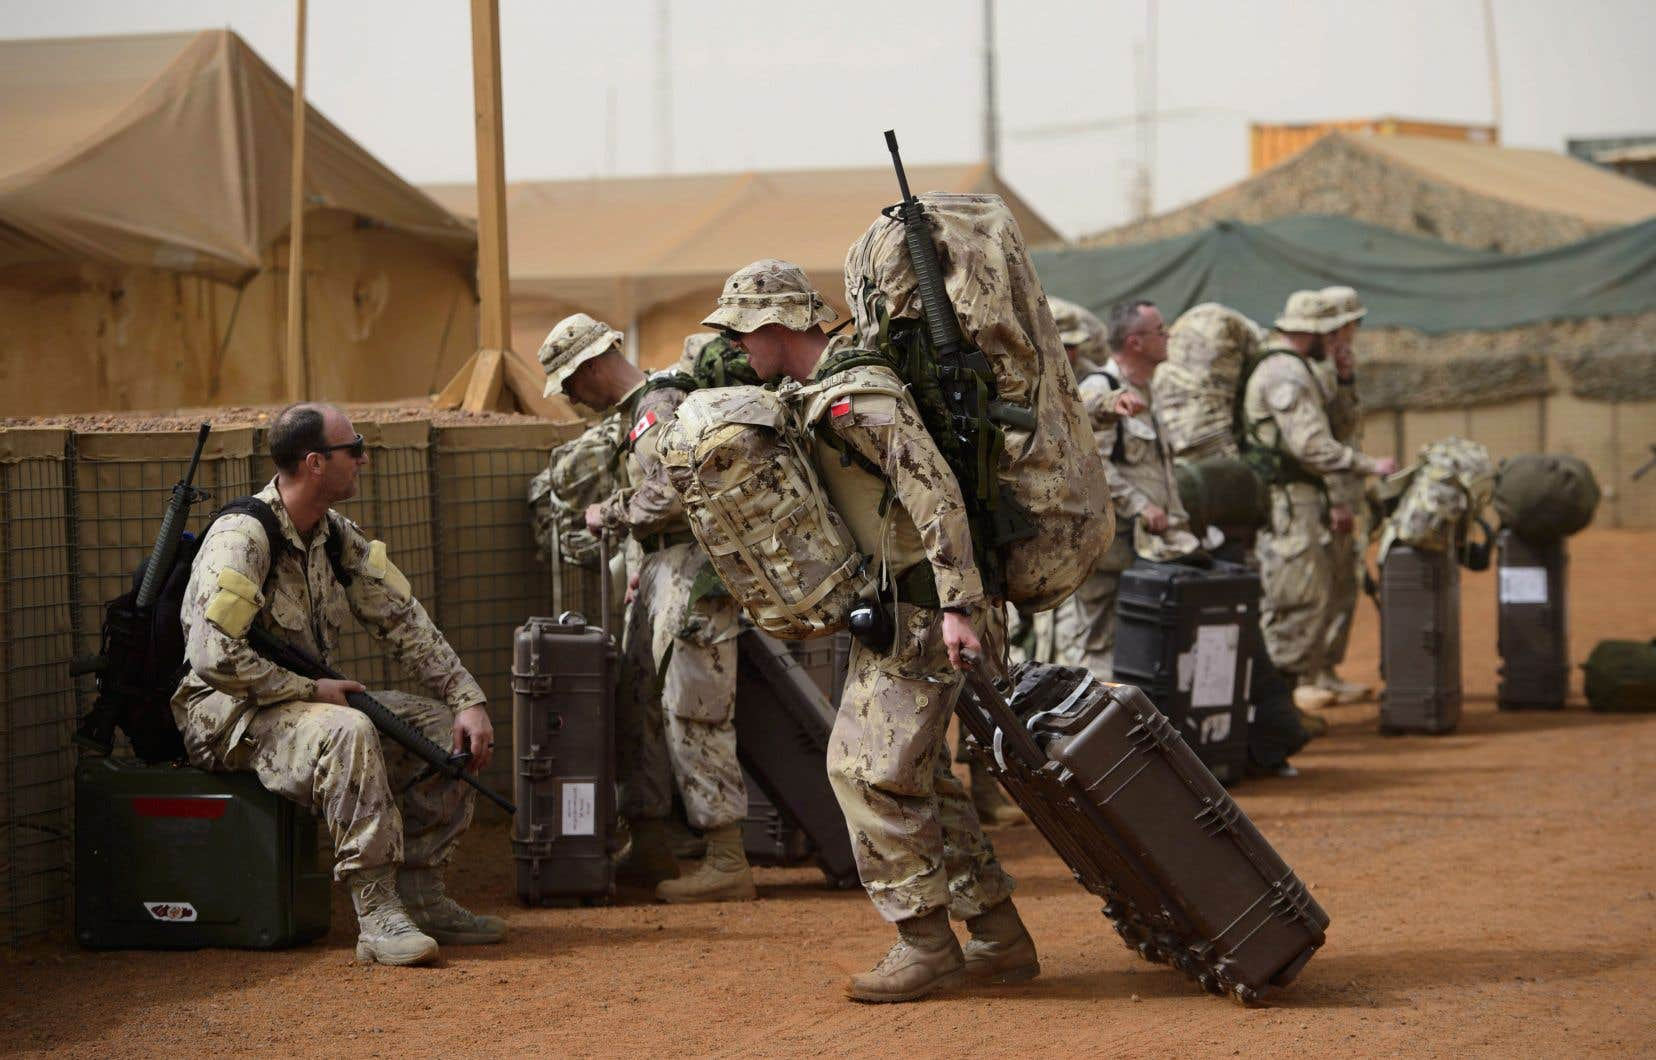 Des soldats canadiens arrivent à la base de l'ONU à Gao, au Mali, lors de leur arrivée en juin dernier.